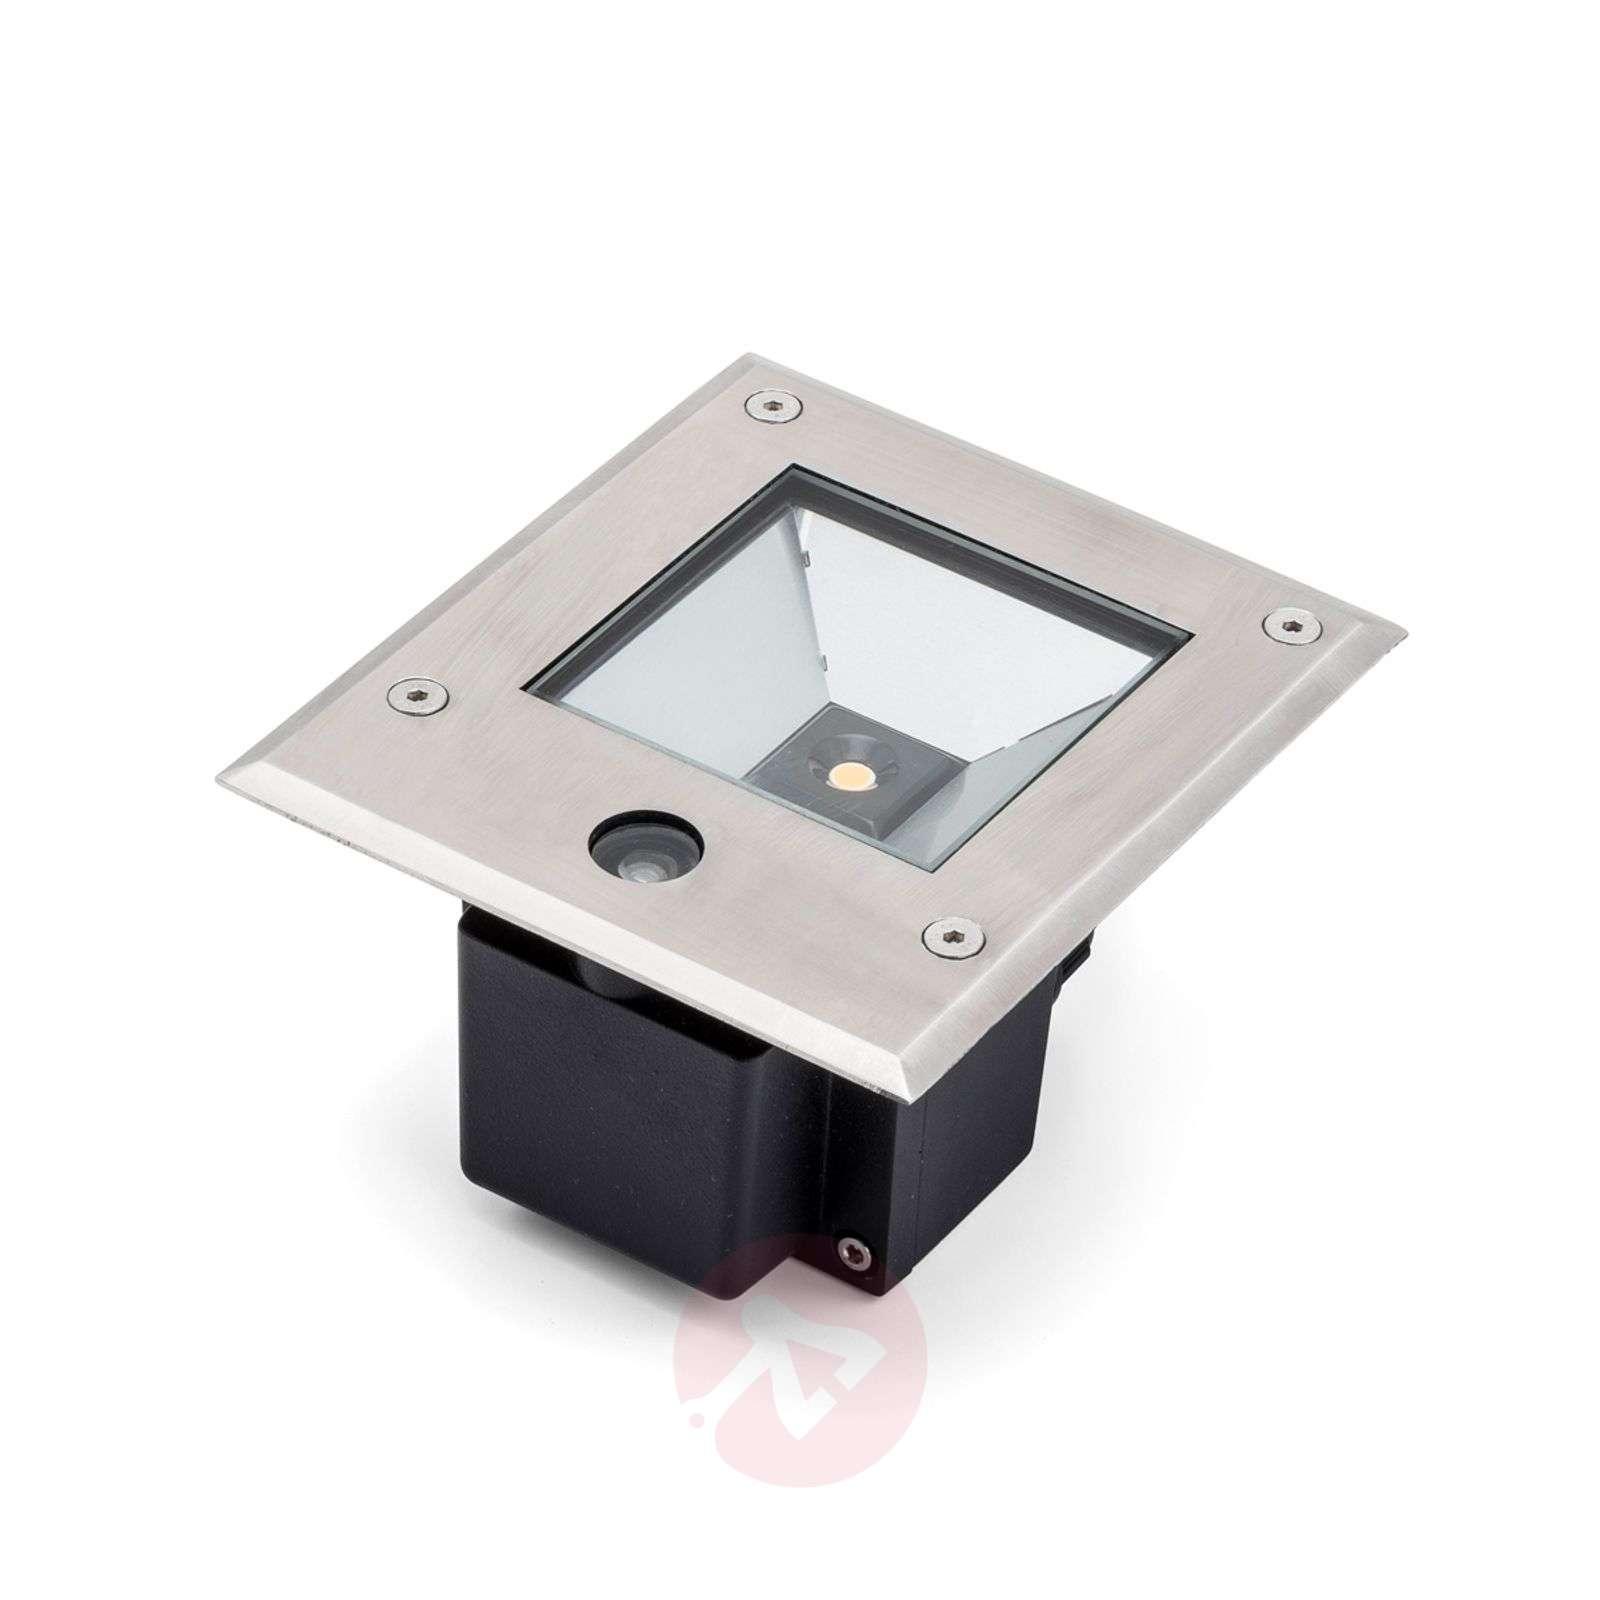 LED-maaspotti Dale 12W, hämärätunnistin-5522470-01